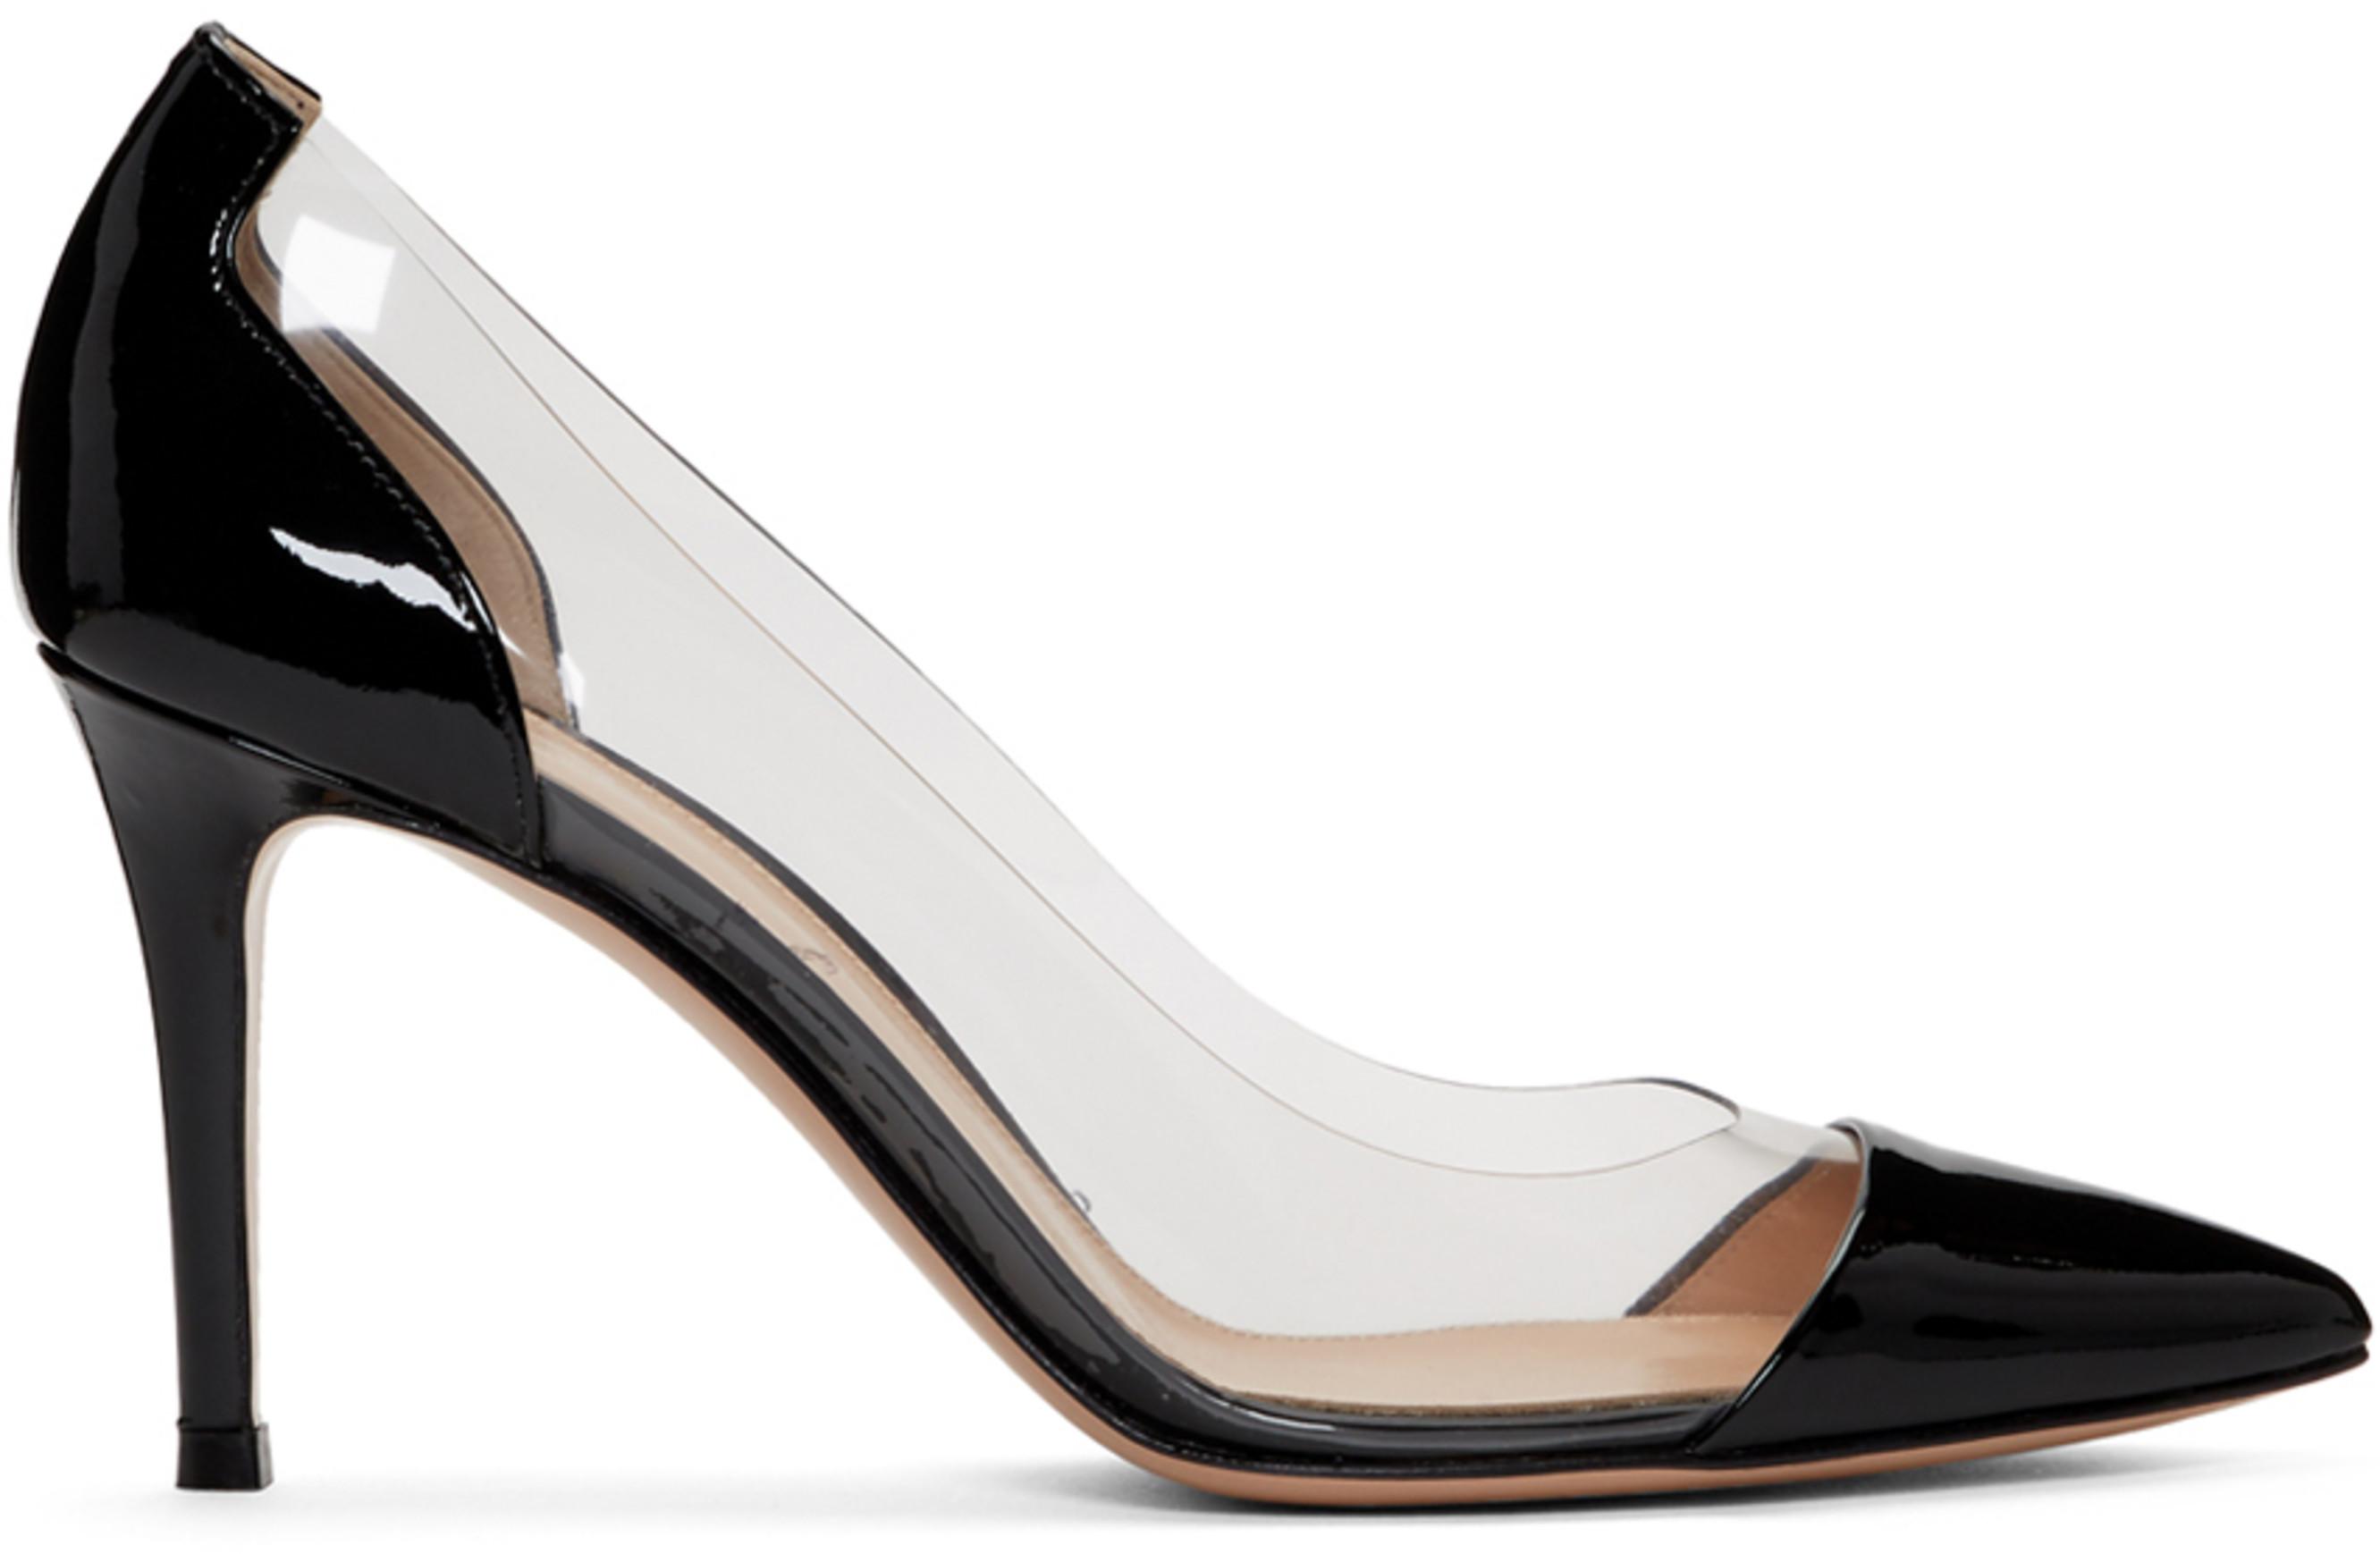 d667ff89a2 Designer shoes for Women